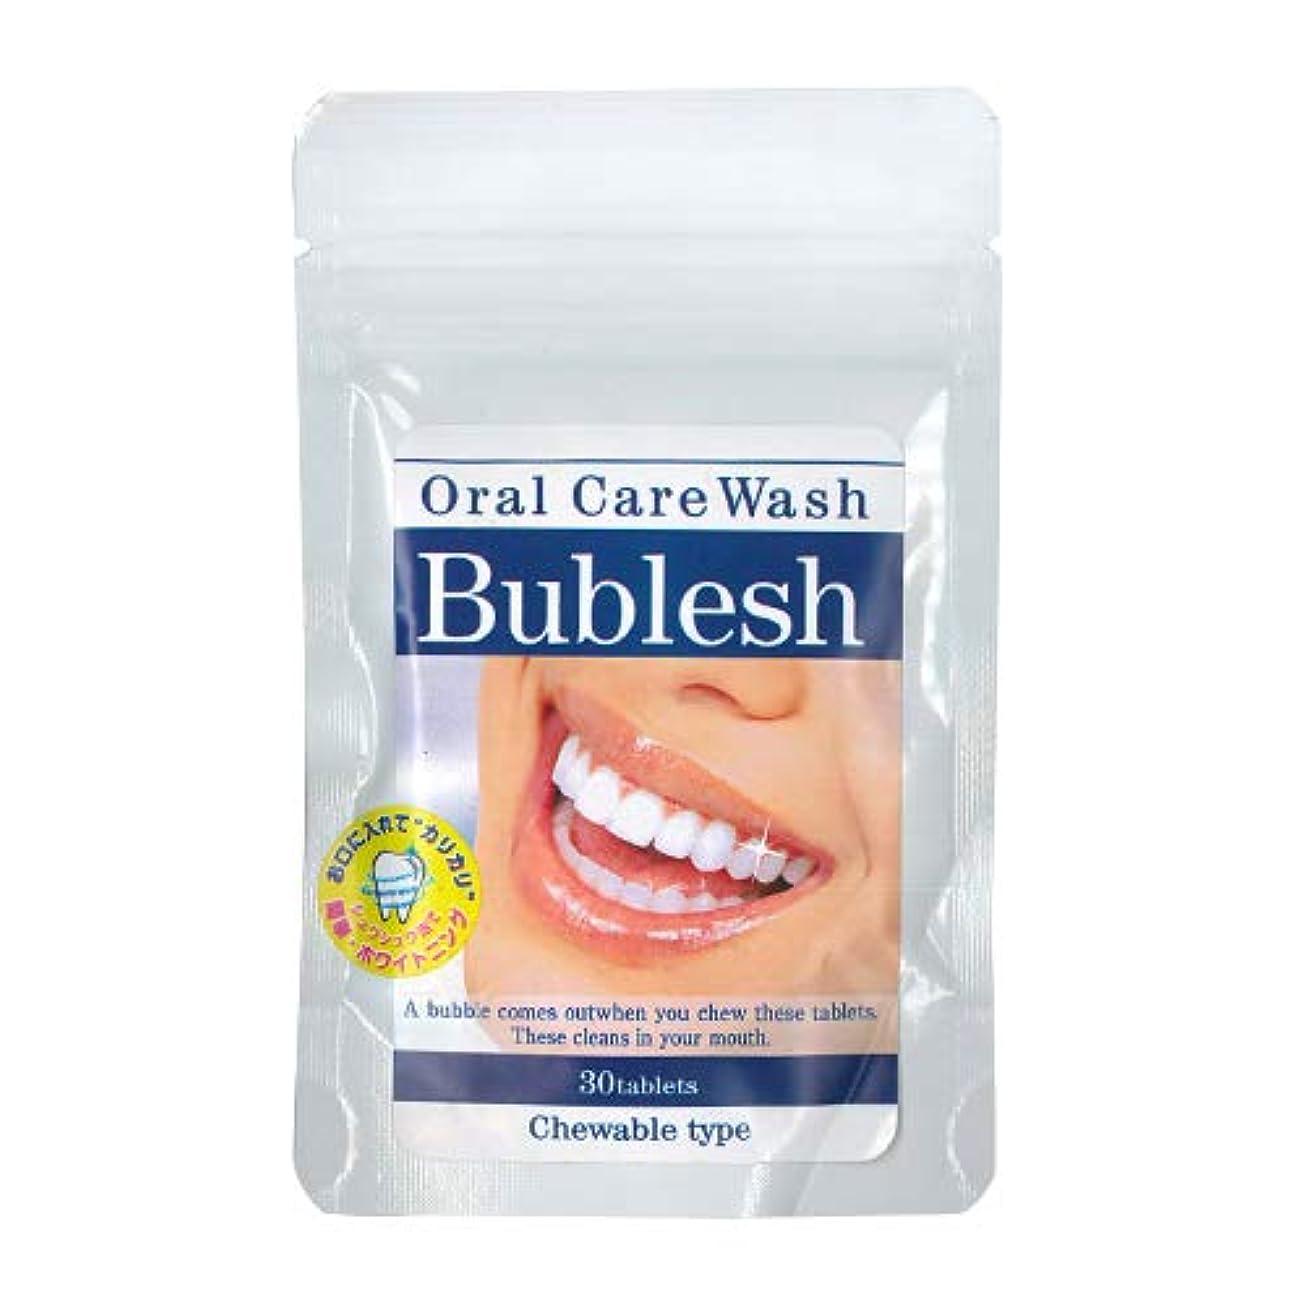 生き残りきつくセンブランスオーラルケアウォッシュ バブレッシュ (Oral Care Wash Bublesh) 30粒